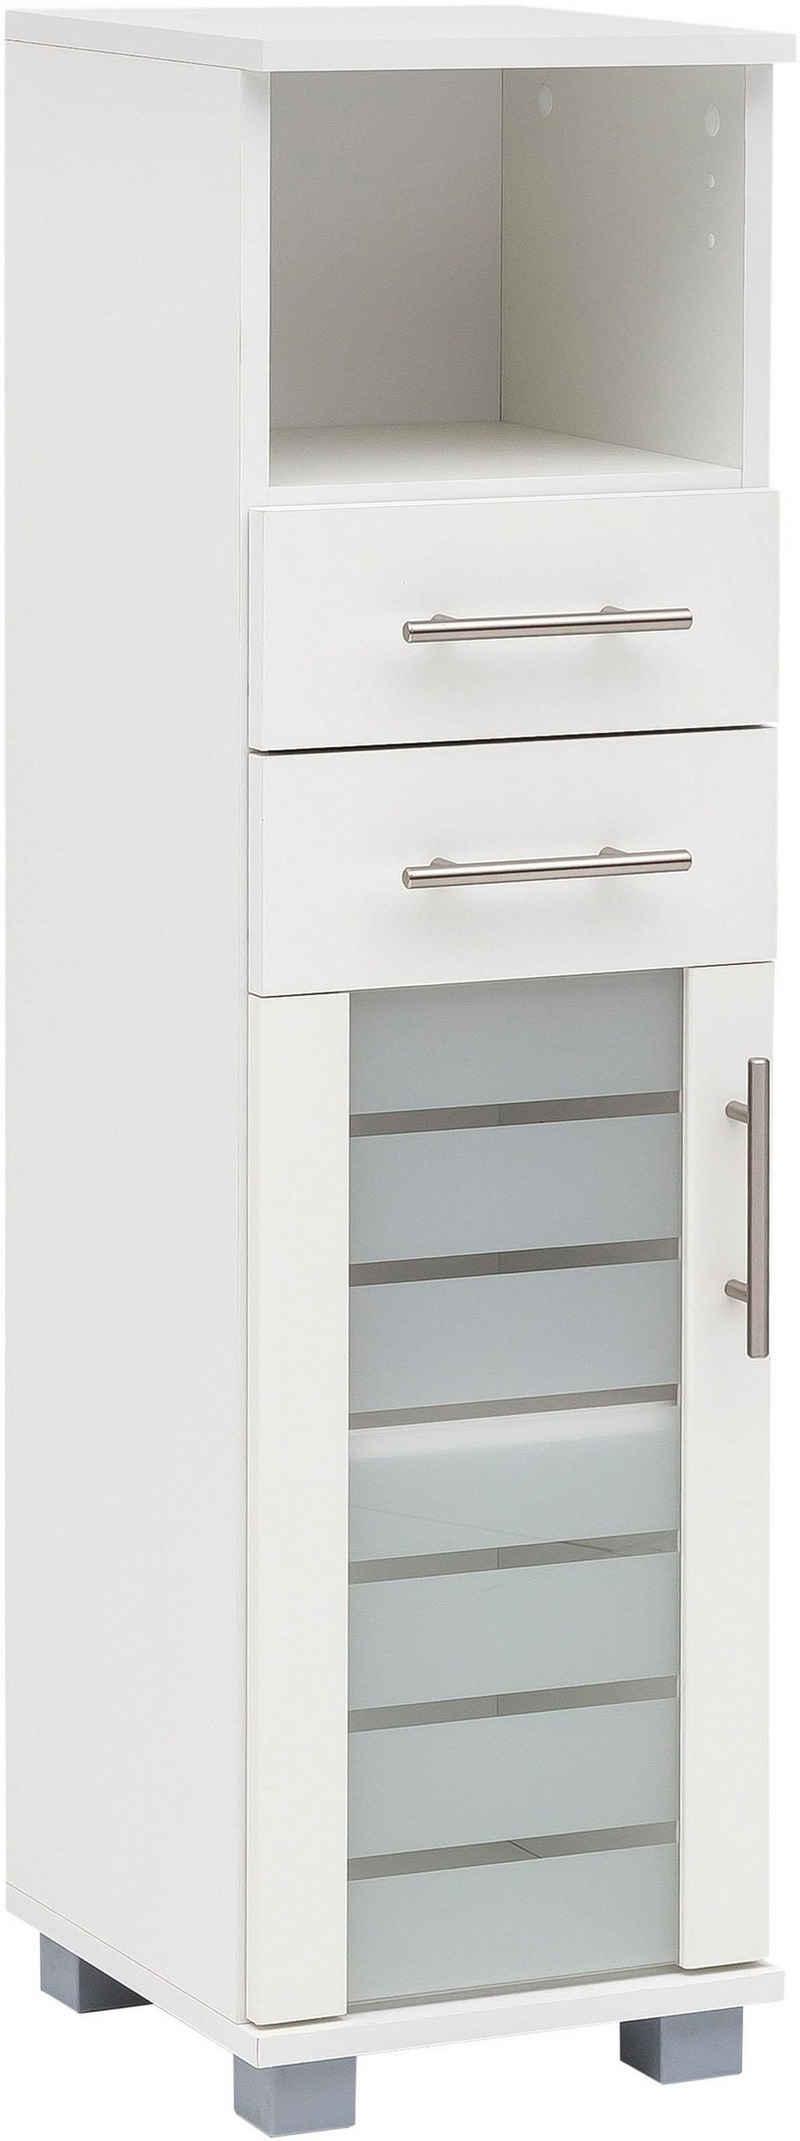 Schildmeyer Midischrank »Nikosia« Breite 30 cm, mit Glastür, 2 Schubladen, hochwertige MDF-Fronten, Metallgriffe